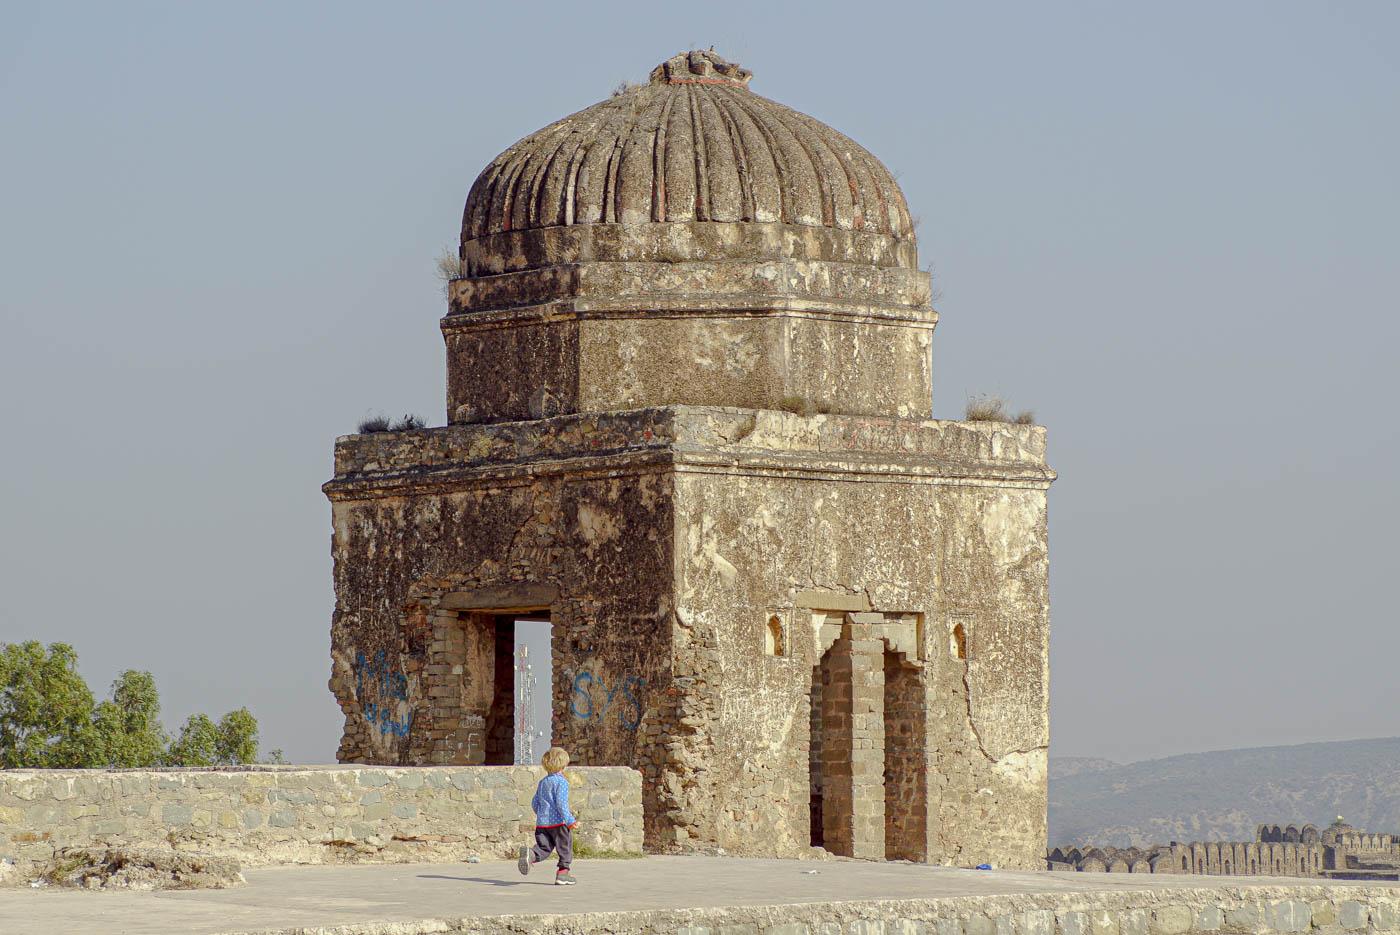 Zu sehen ist Luk, wie er über die gigantisch großen Mauer Anlage des Rohtas Fort rennt. Die Mauer erstreckt sich am unteren Bildrand weiter fort. In der Mitte des Bildes erhebt sich ein Turm.